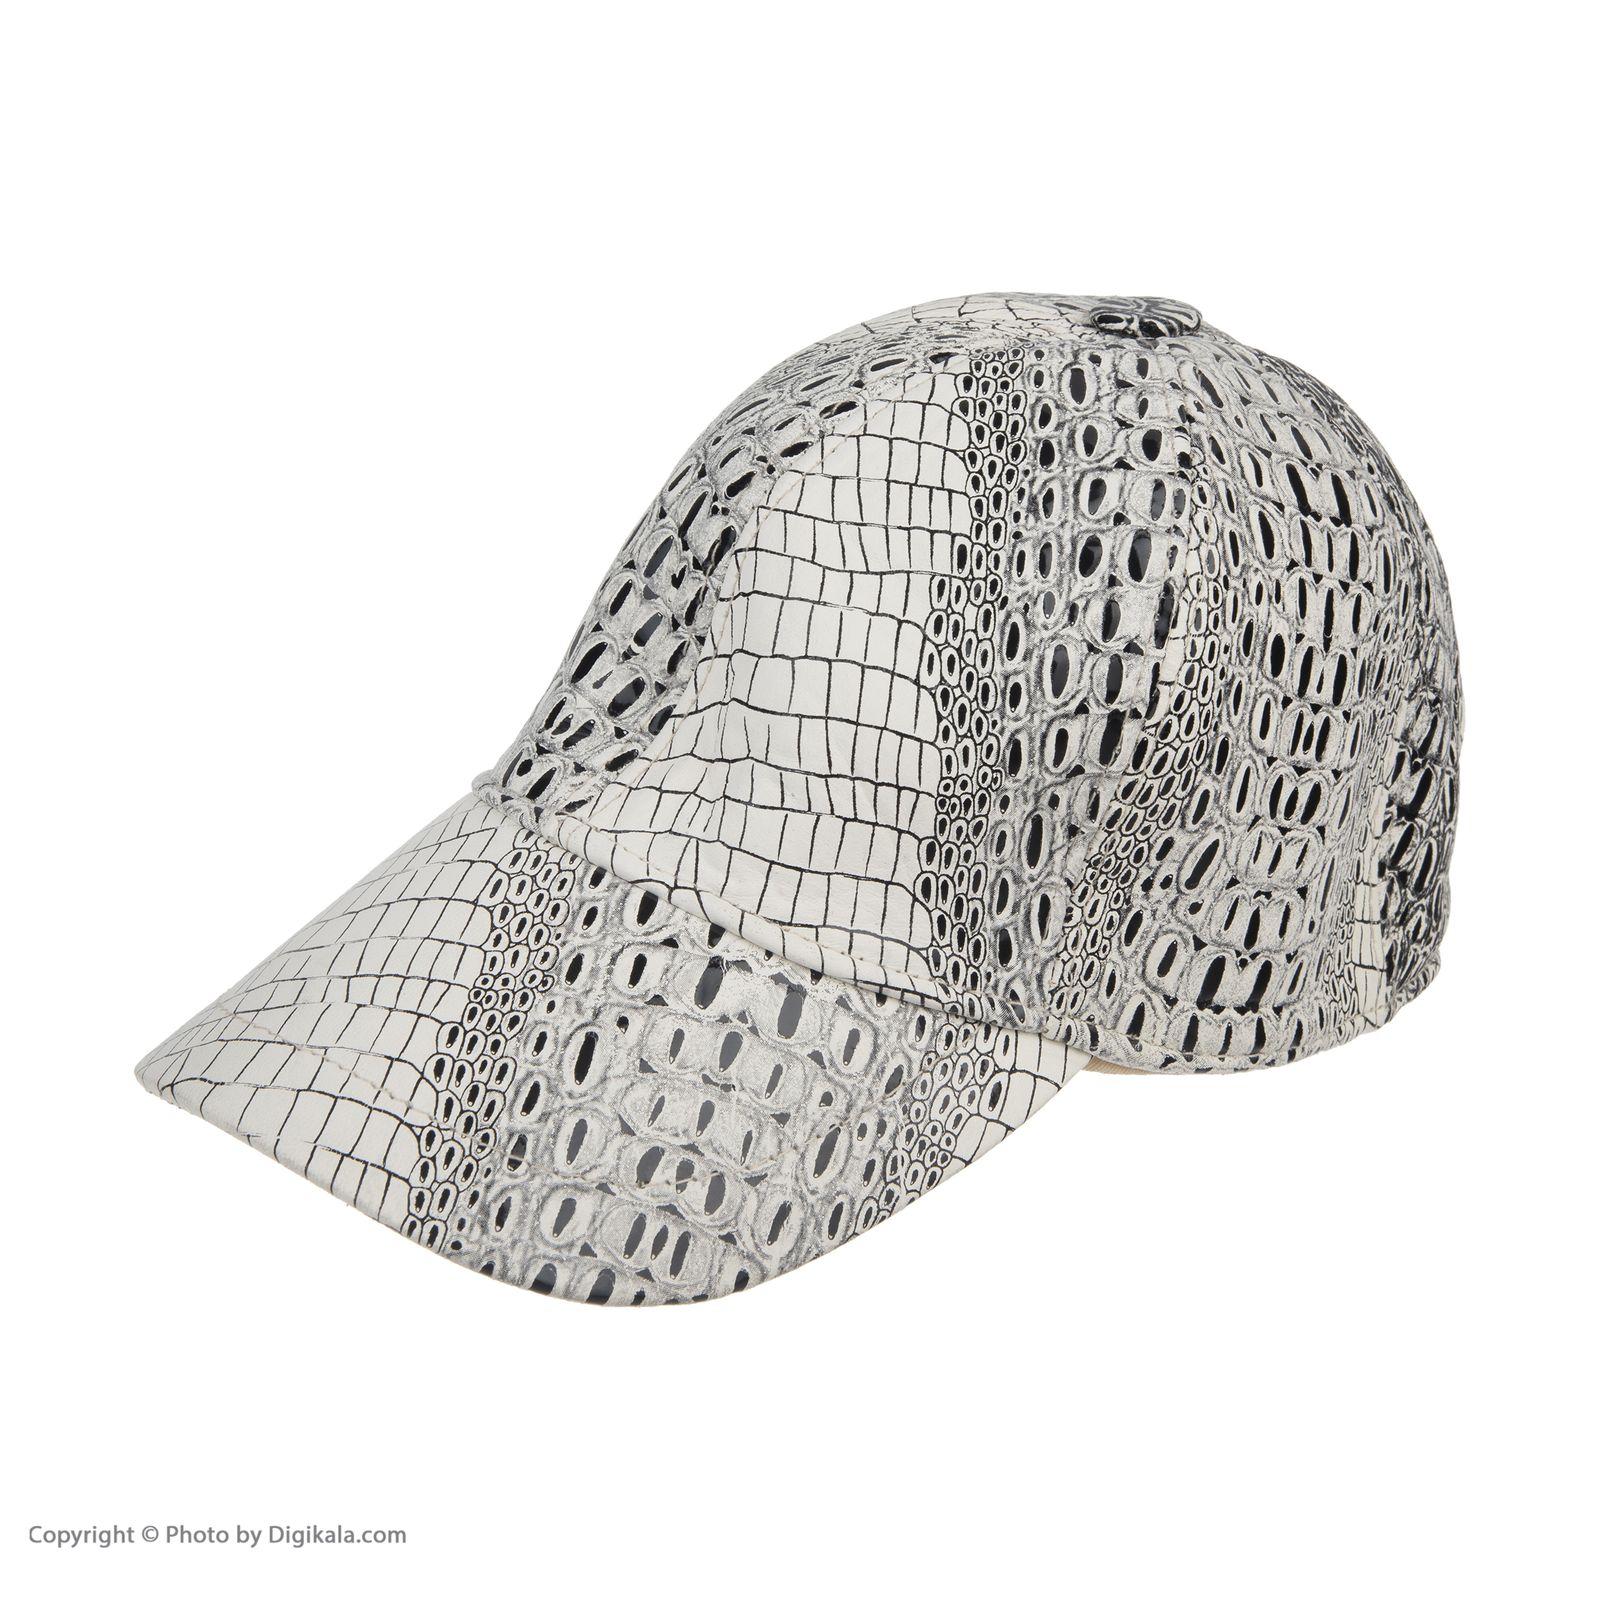 کلاه زنانه شیفر مدل 8701B44 - سفید - 3